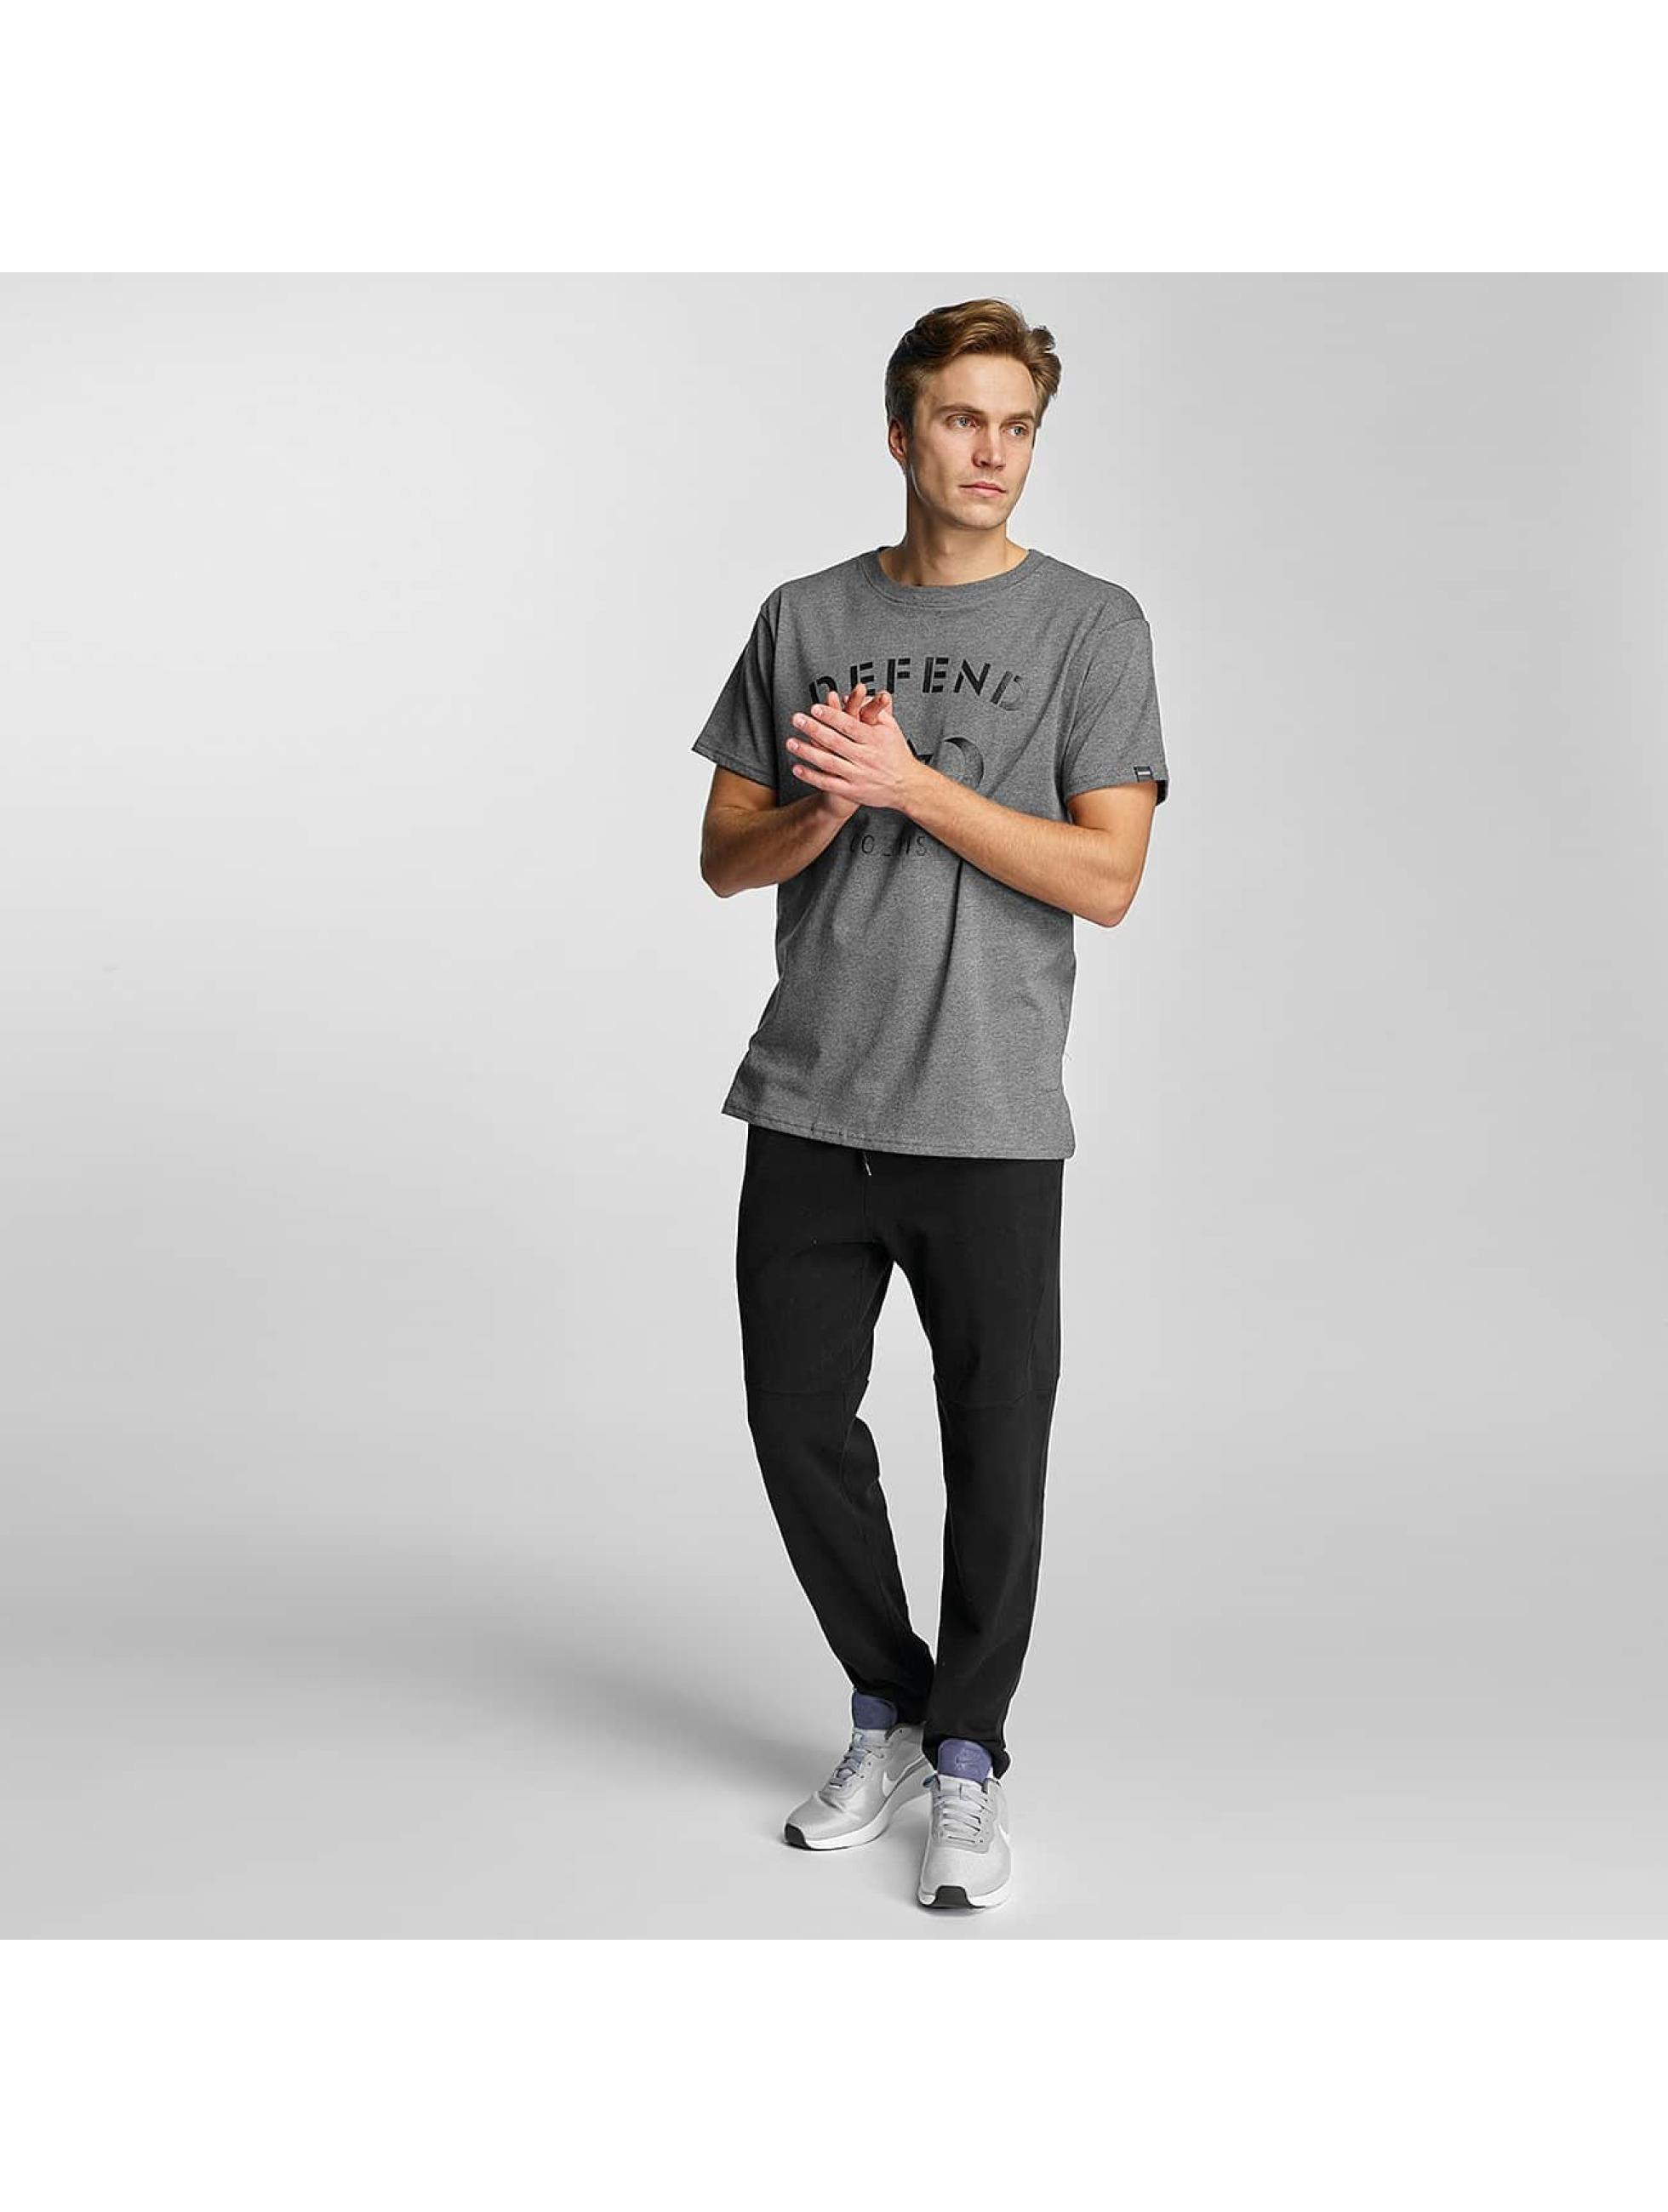 Defend Paris T-Shirt CO grey